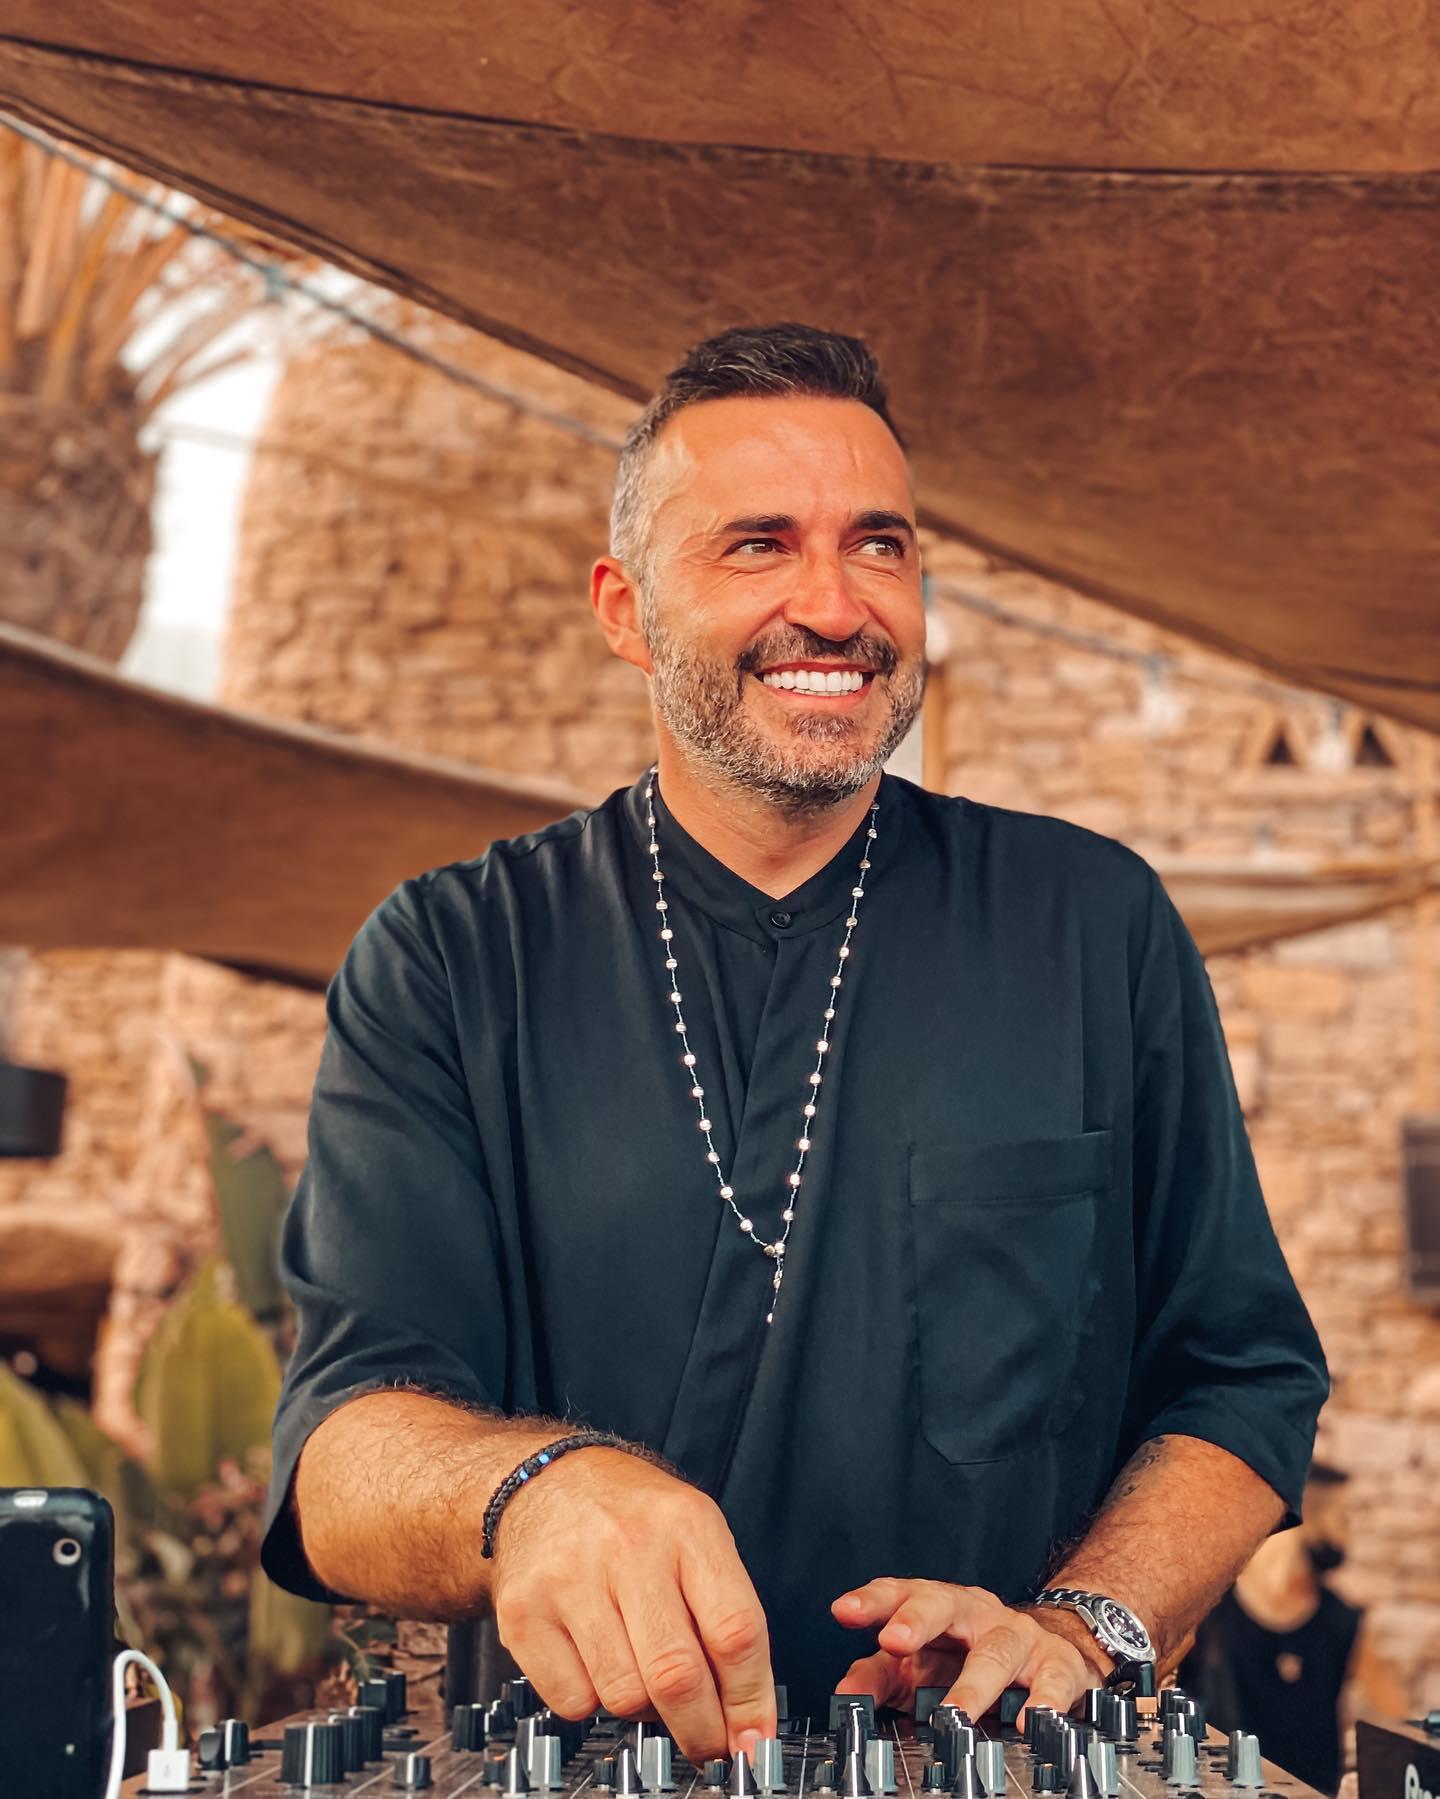 Dünyaca ünlü DJ Valeron ile Scorpios Mykonos eğlencesi 25 Ağustos'ta Galia Bodrum'da...